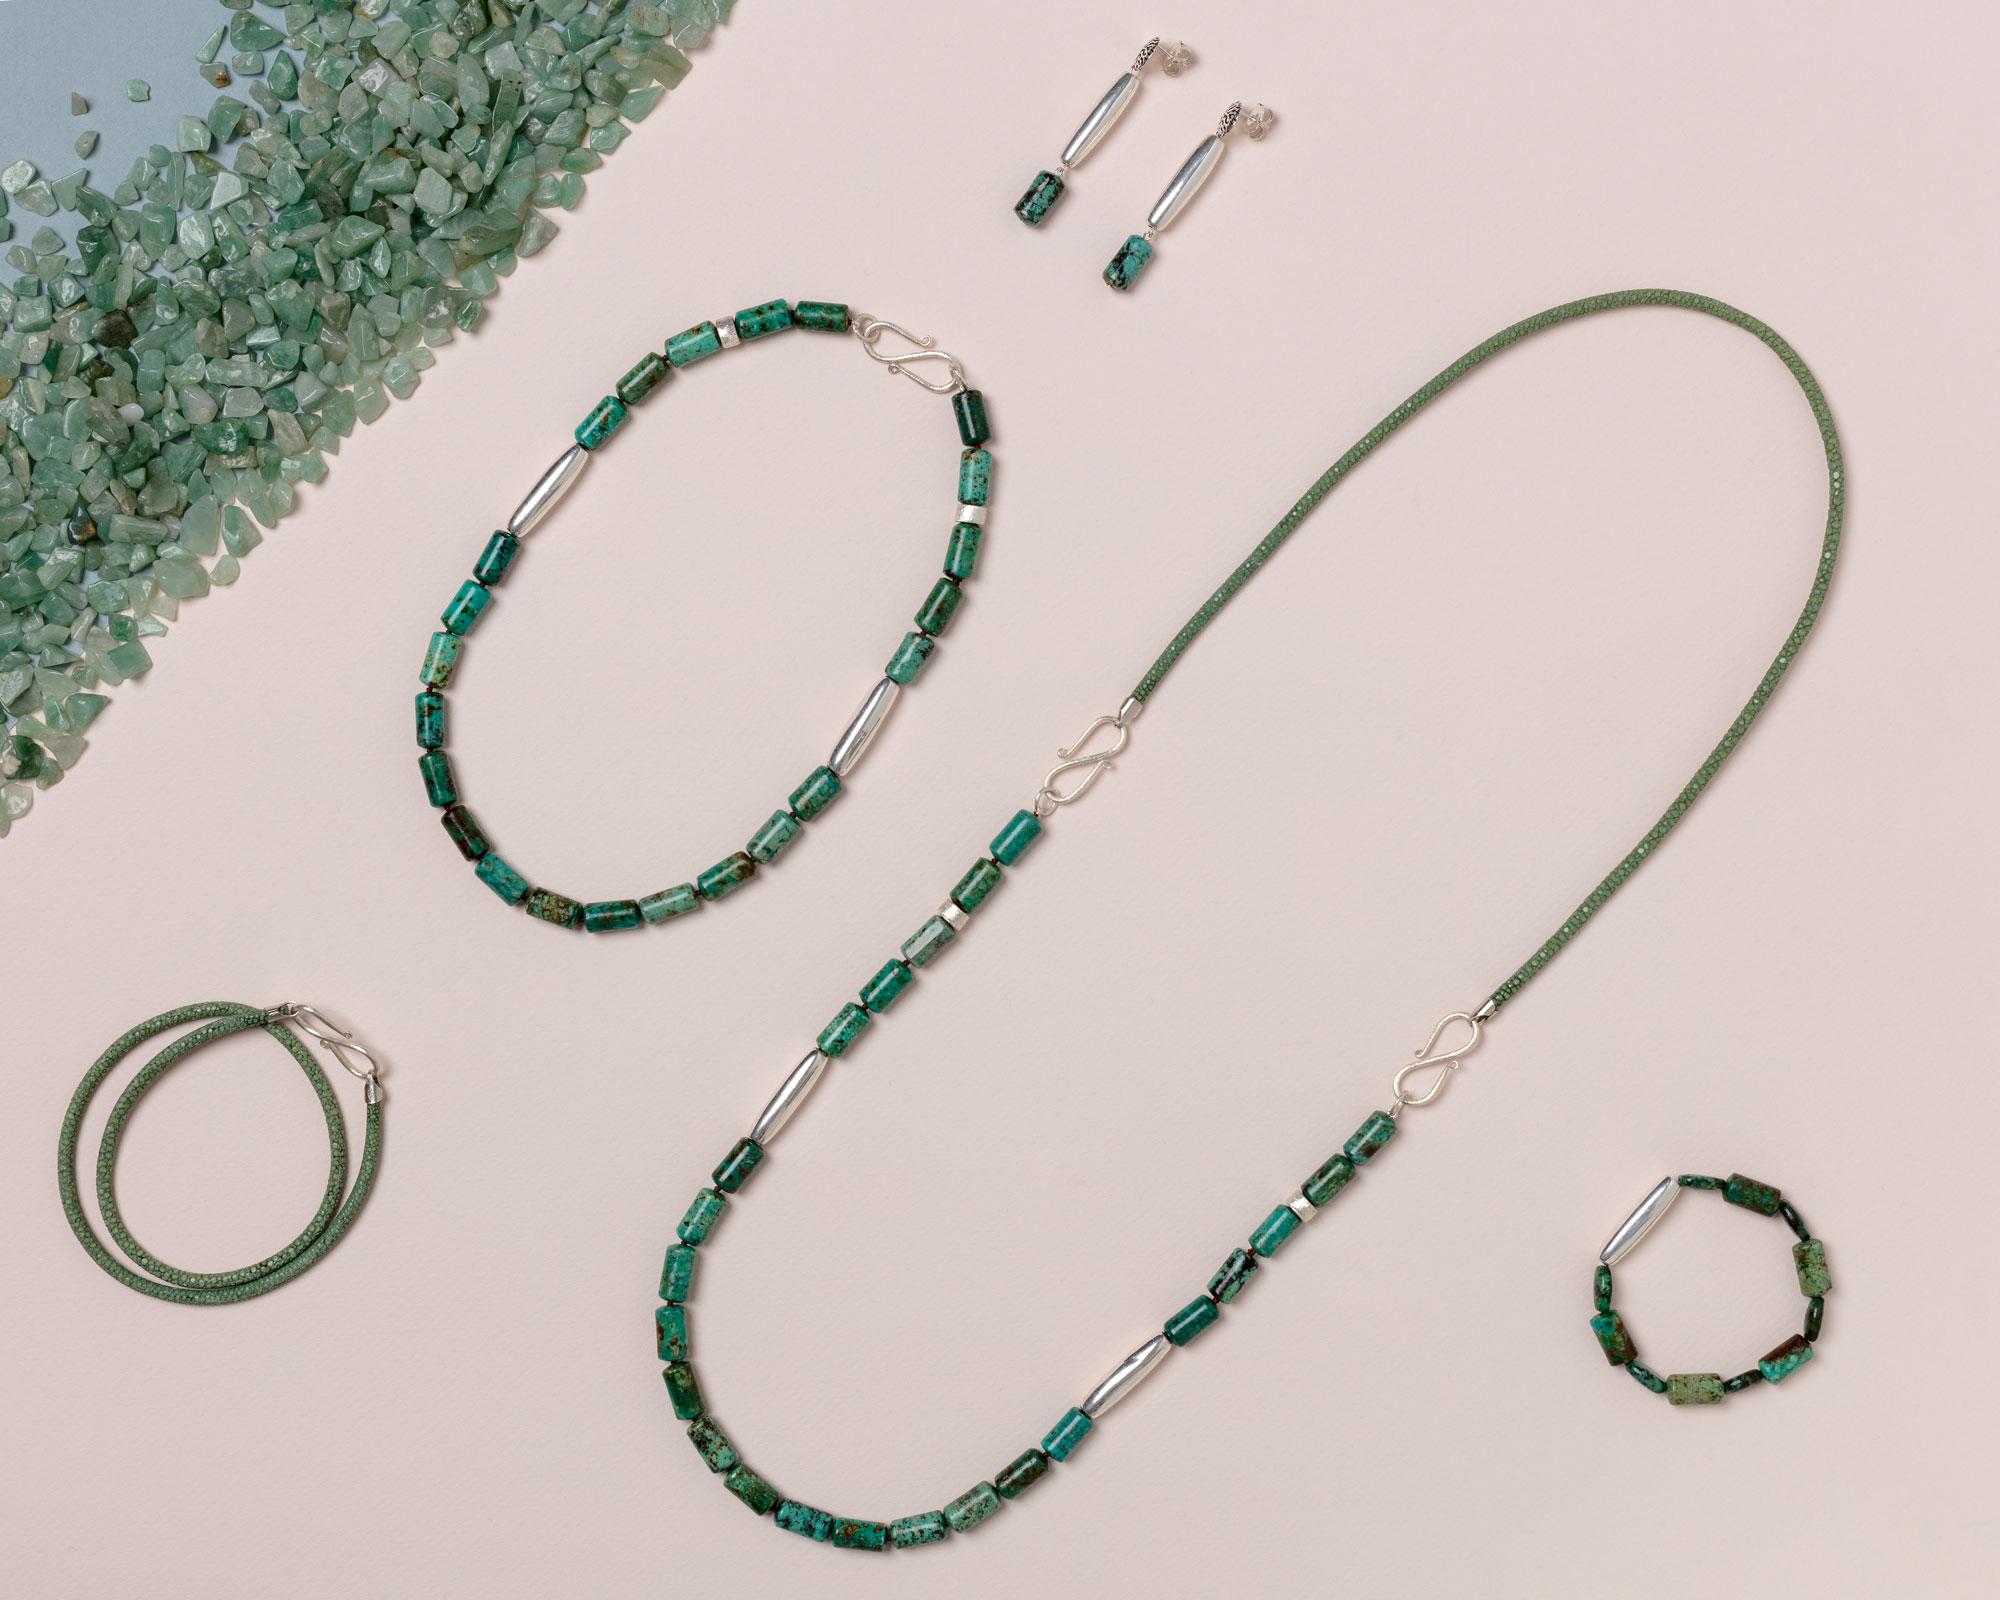 corina-landa-still-life-jewelry-joyeria-photography-marybola-003.jpg